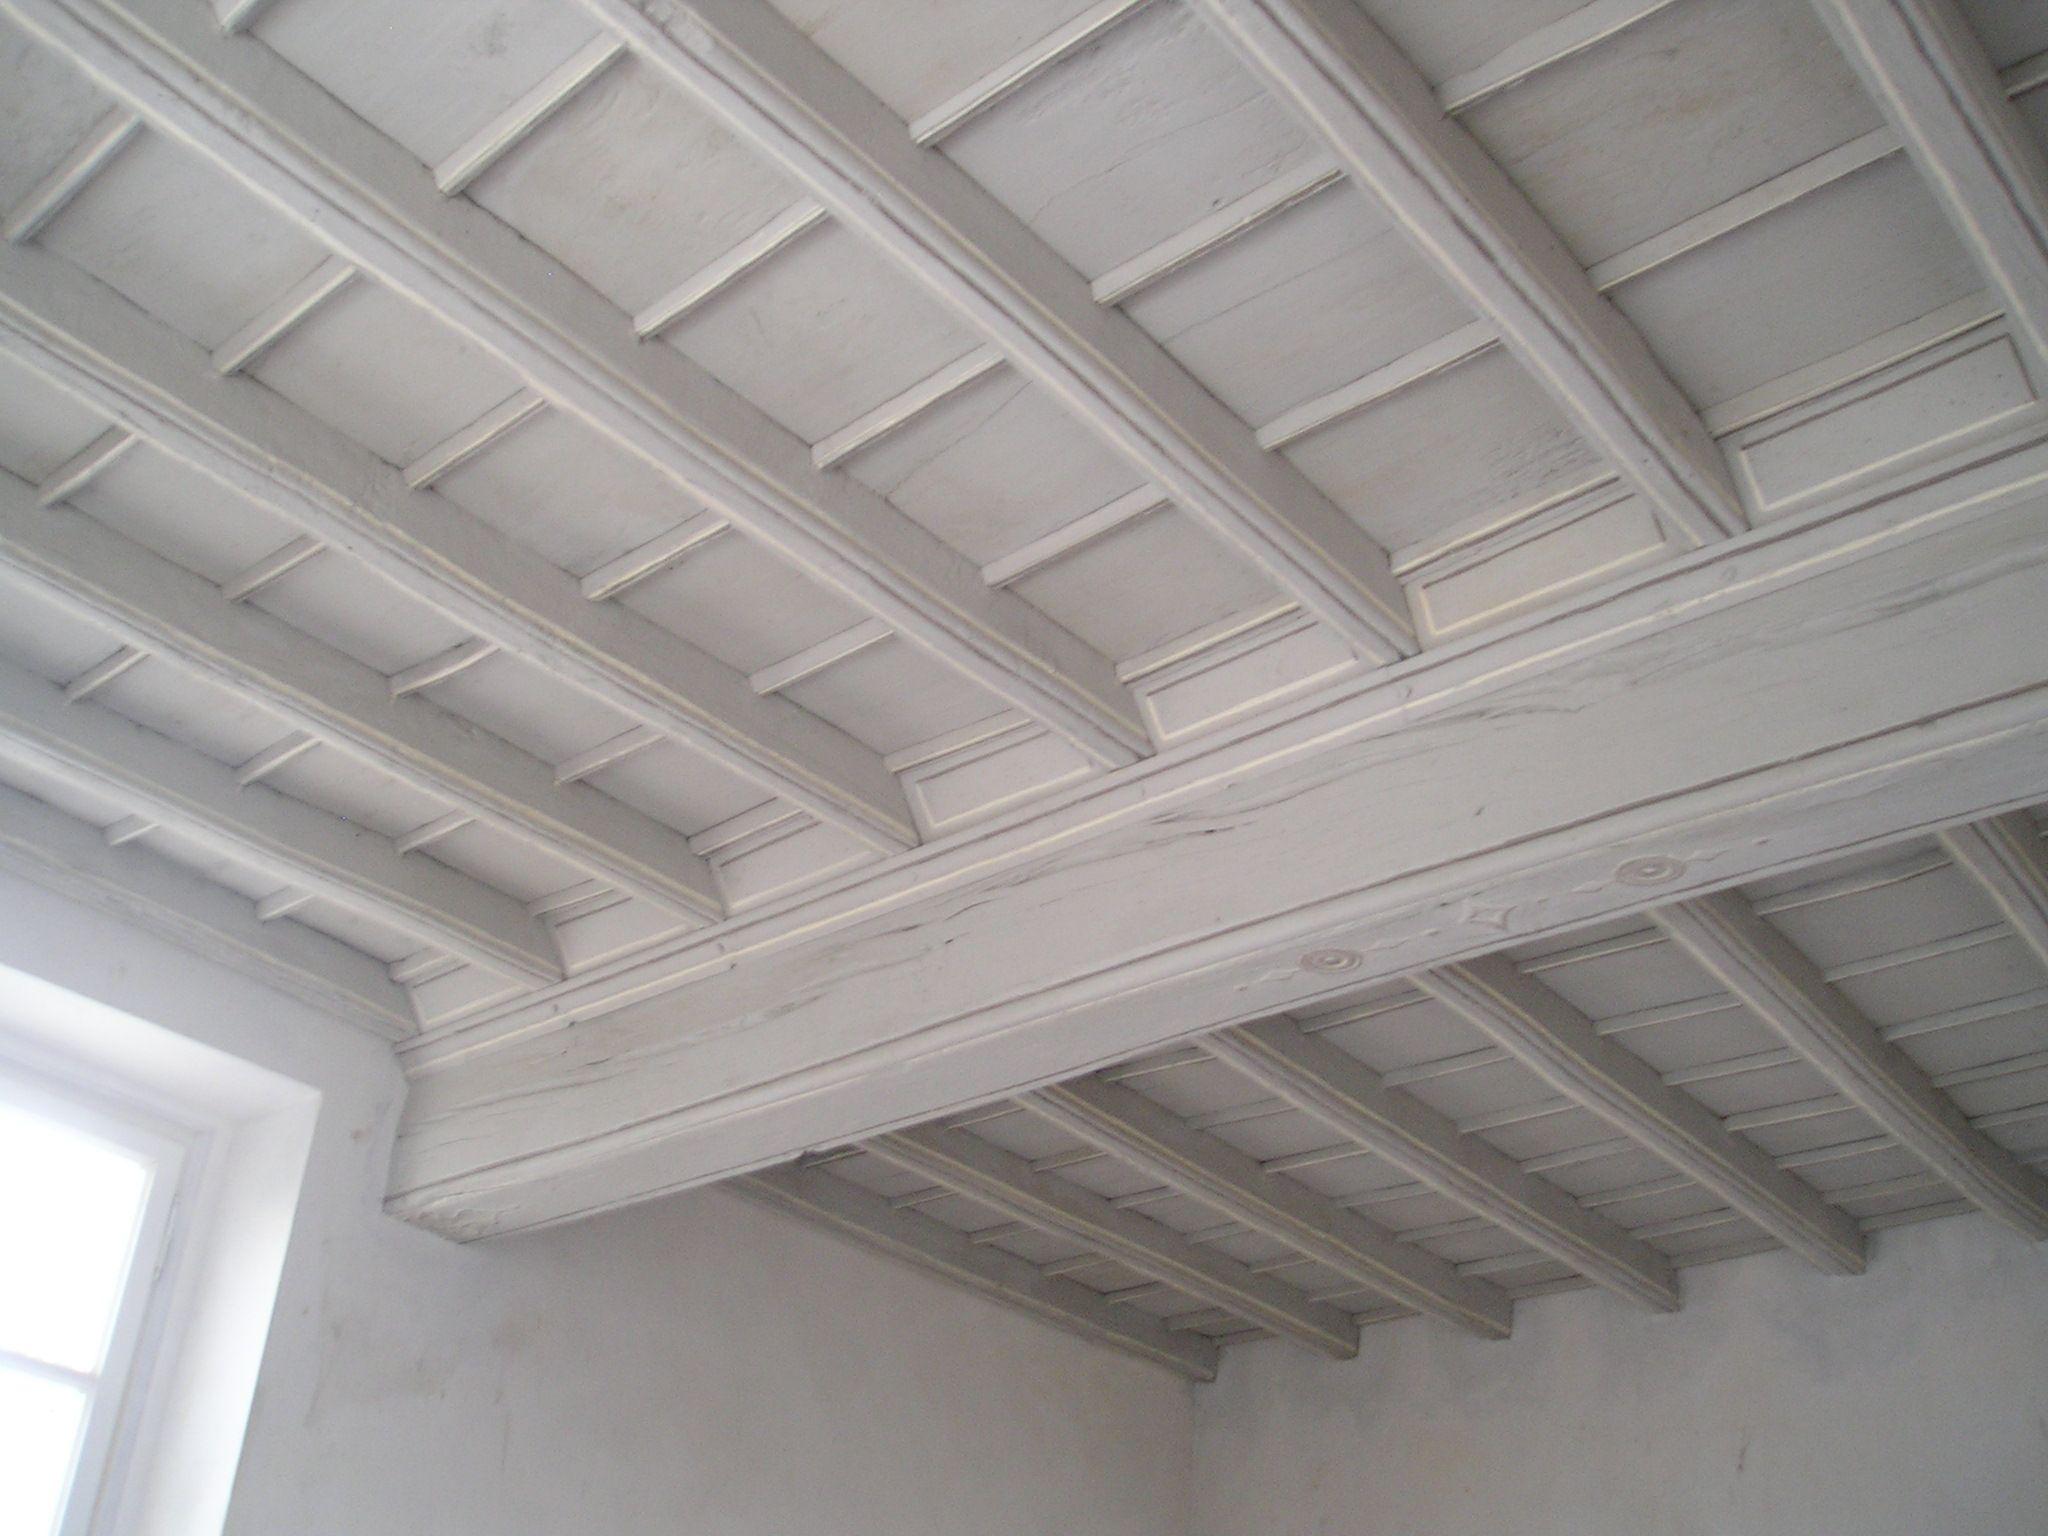 Soffitti In Legno Bianco : Soffitto in legno bianco come pulire il soffitto soluzioni di